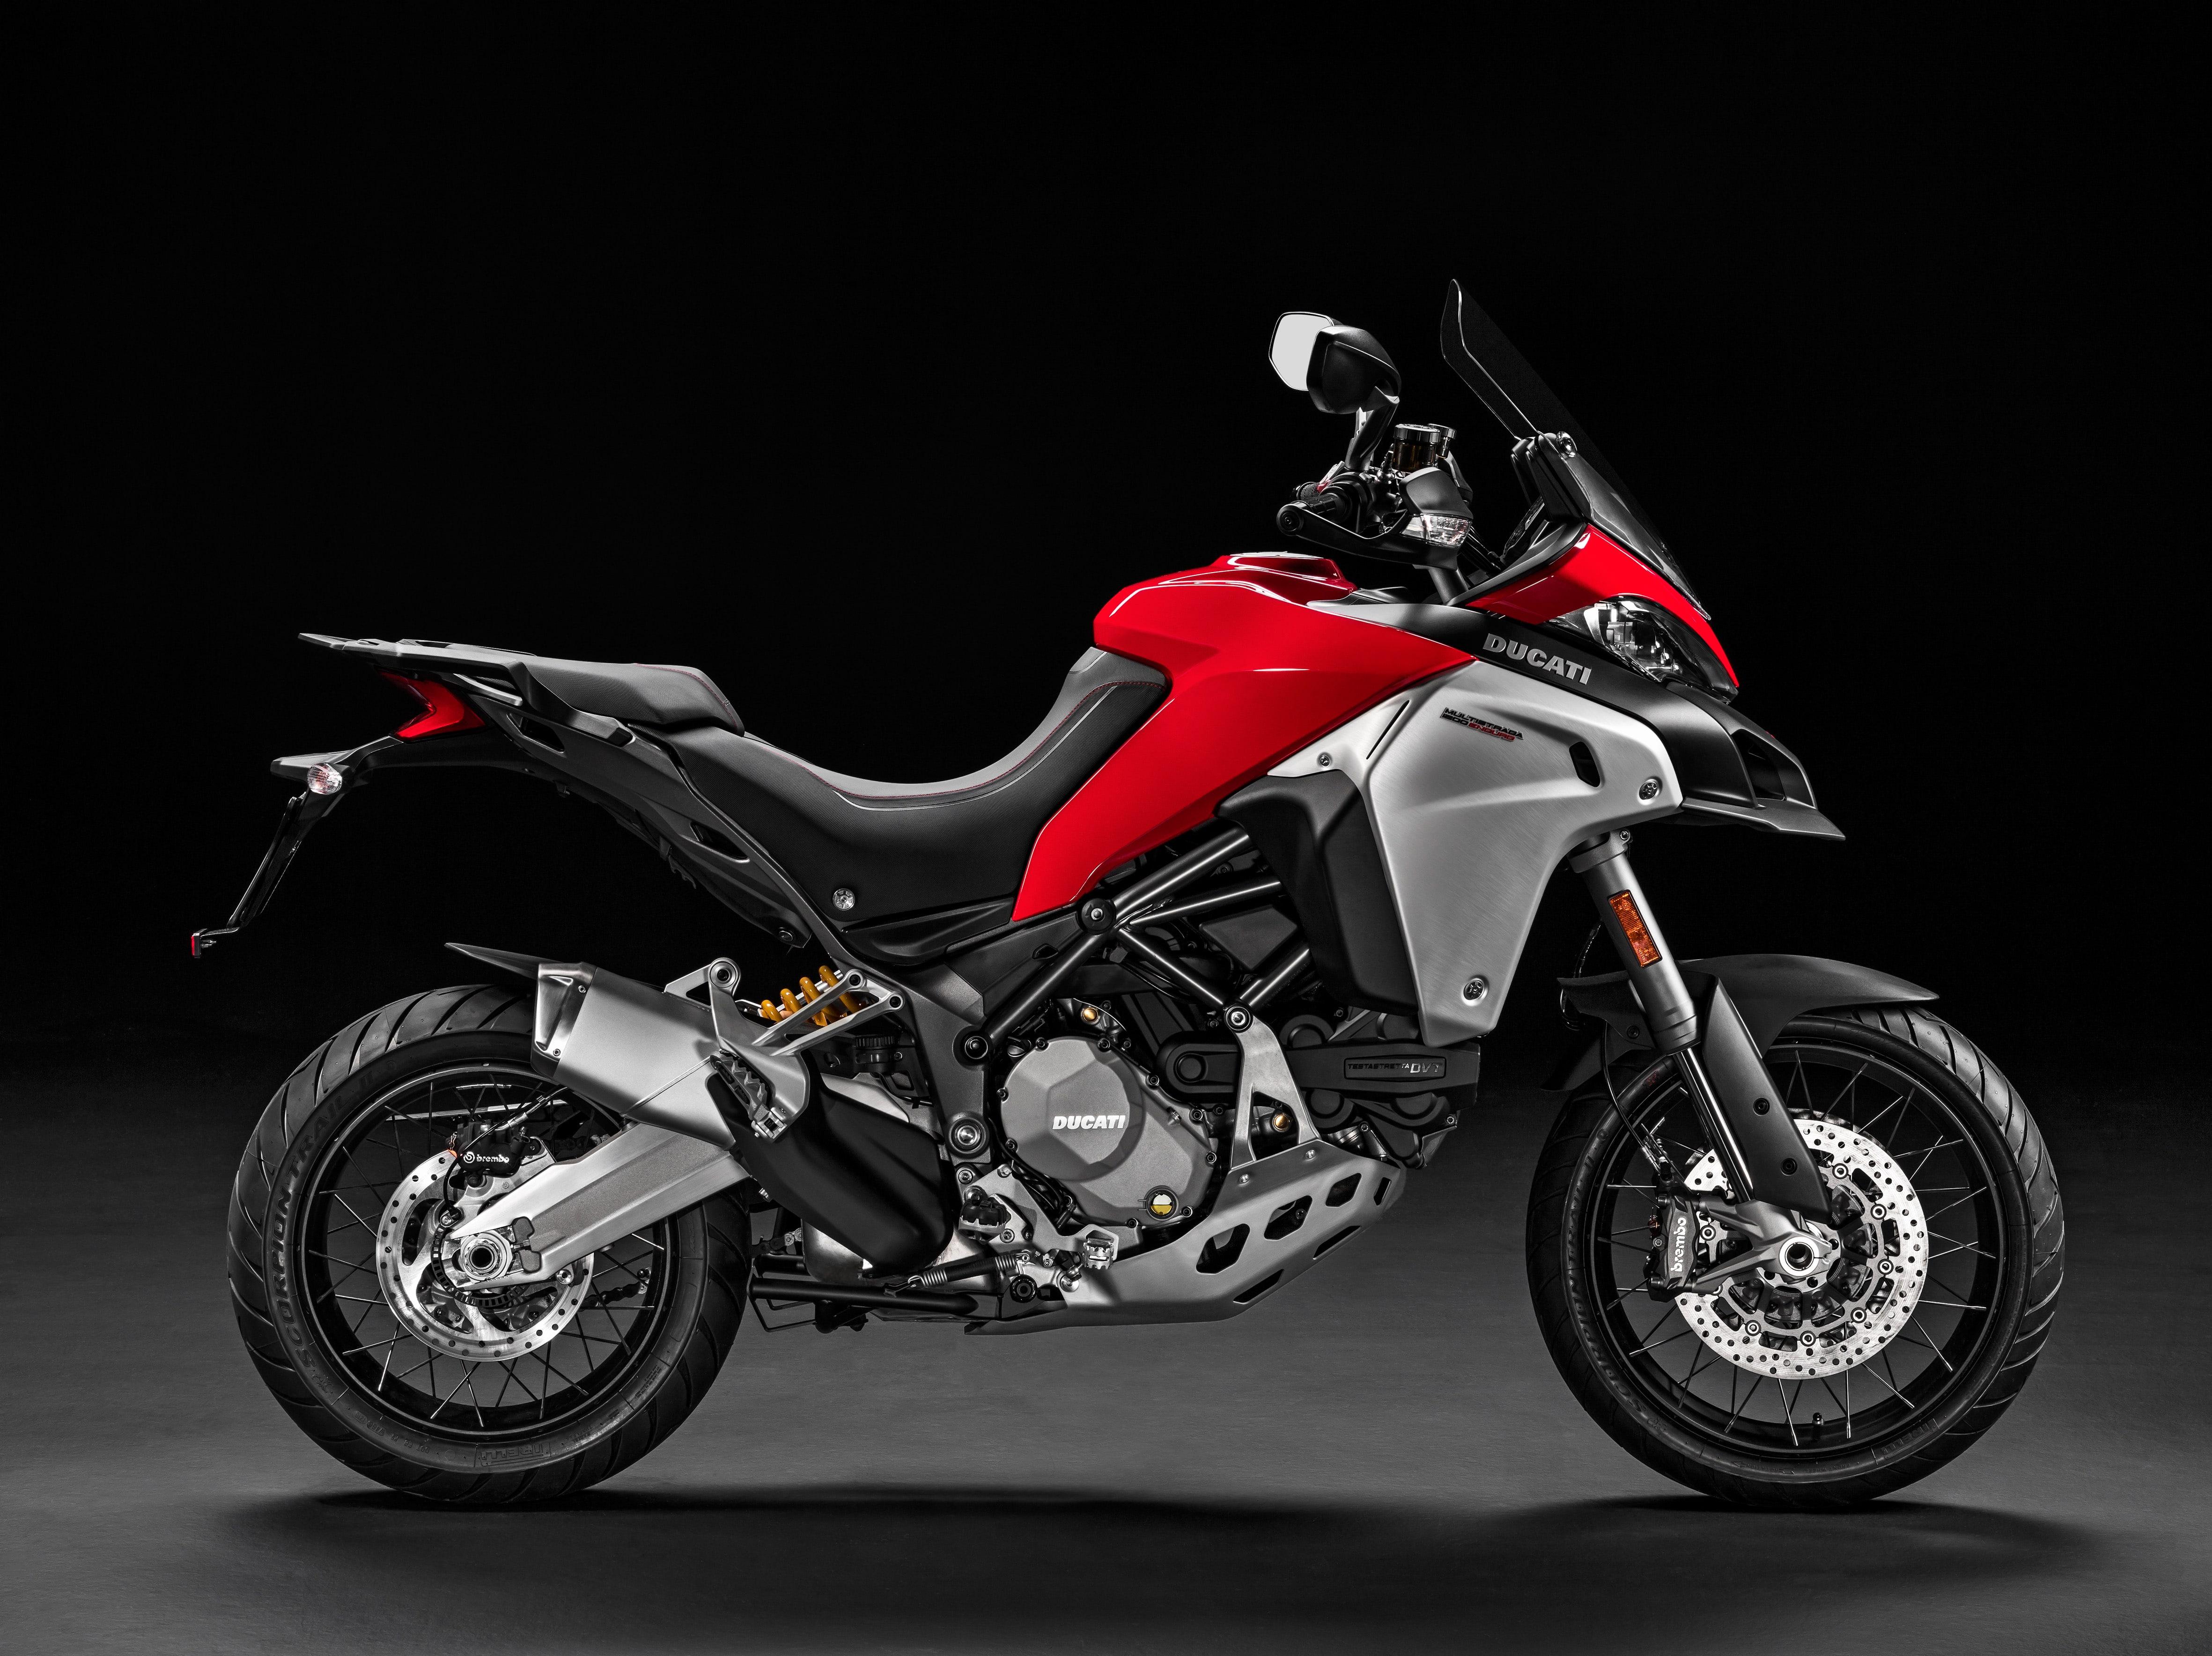 Nuovi Modelli Ducati